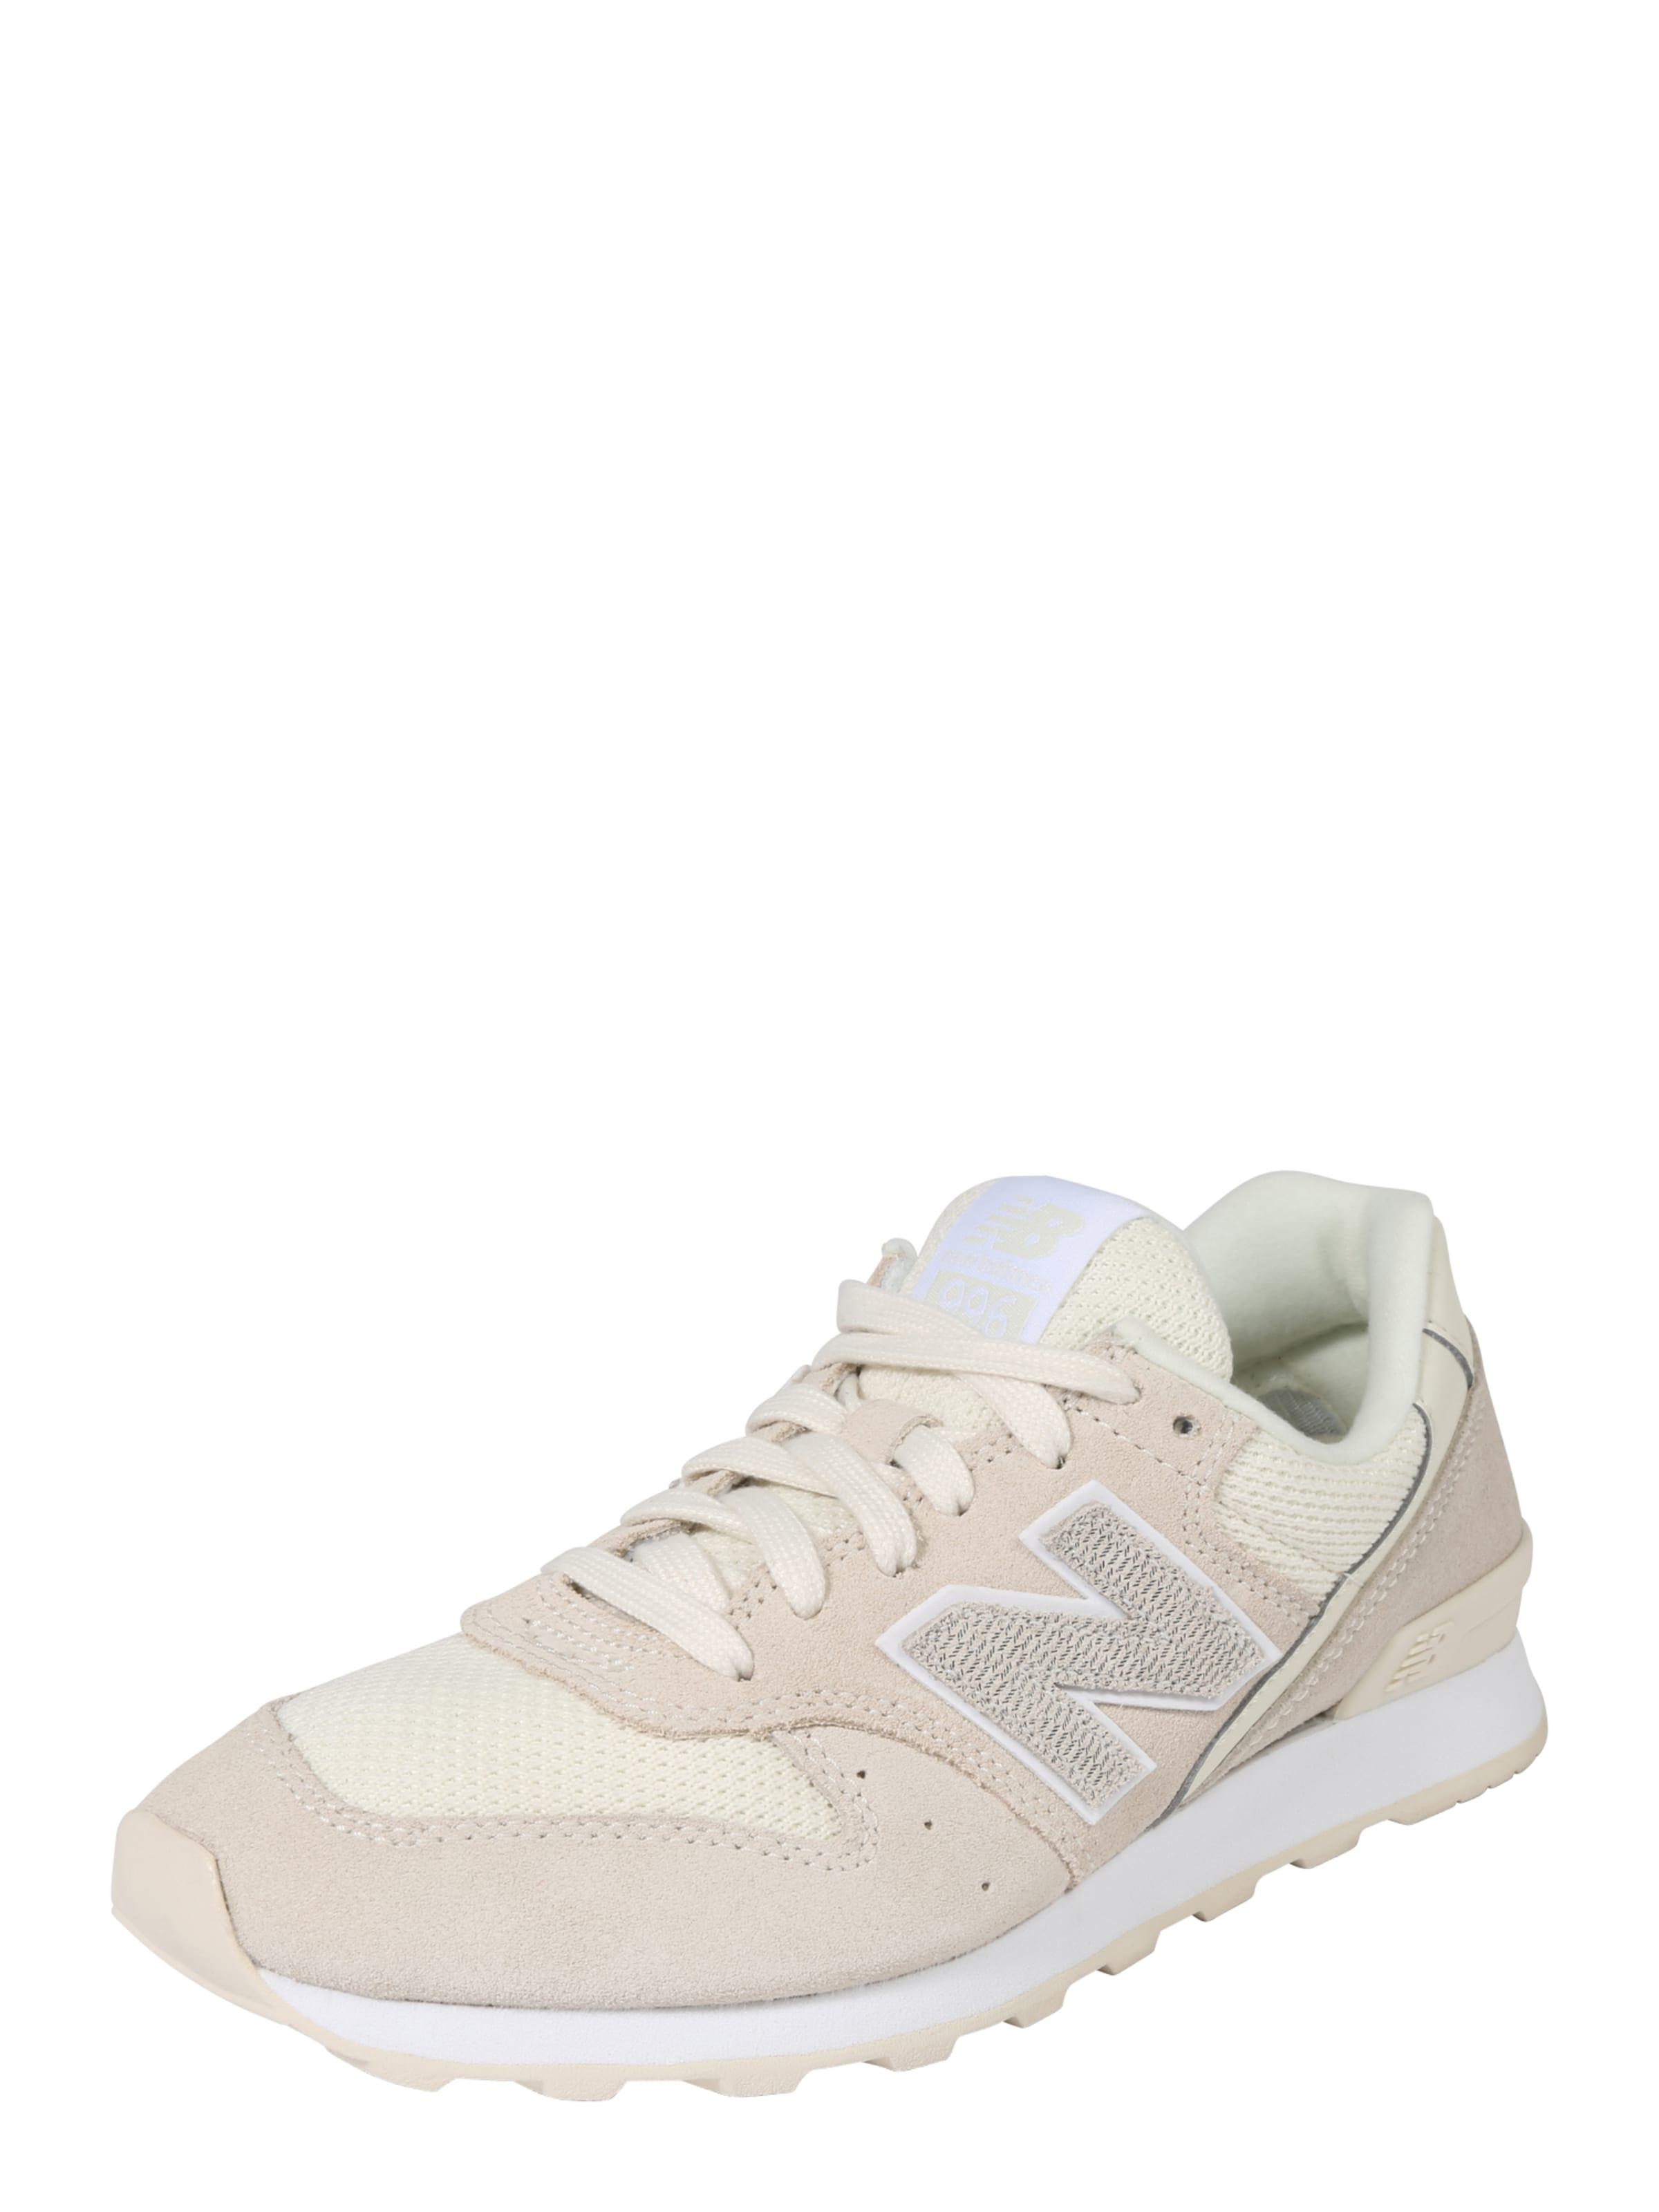 new balance Sneaker WR996 Verschleißfeste billige Schuhe